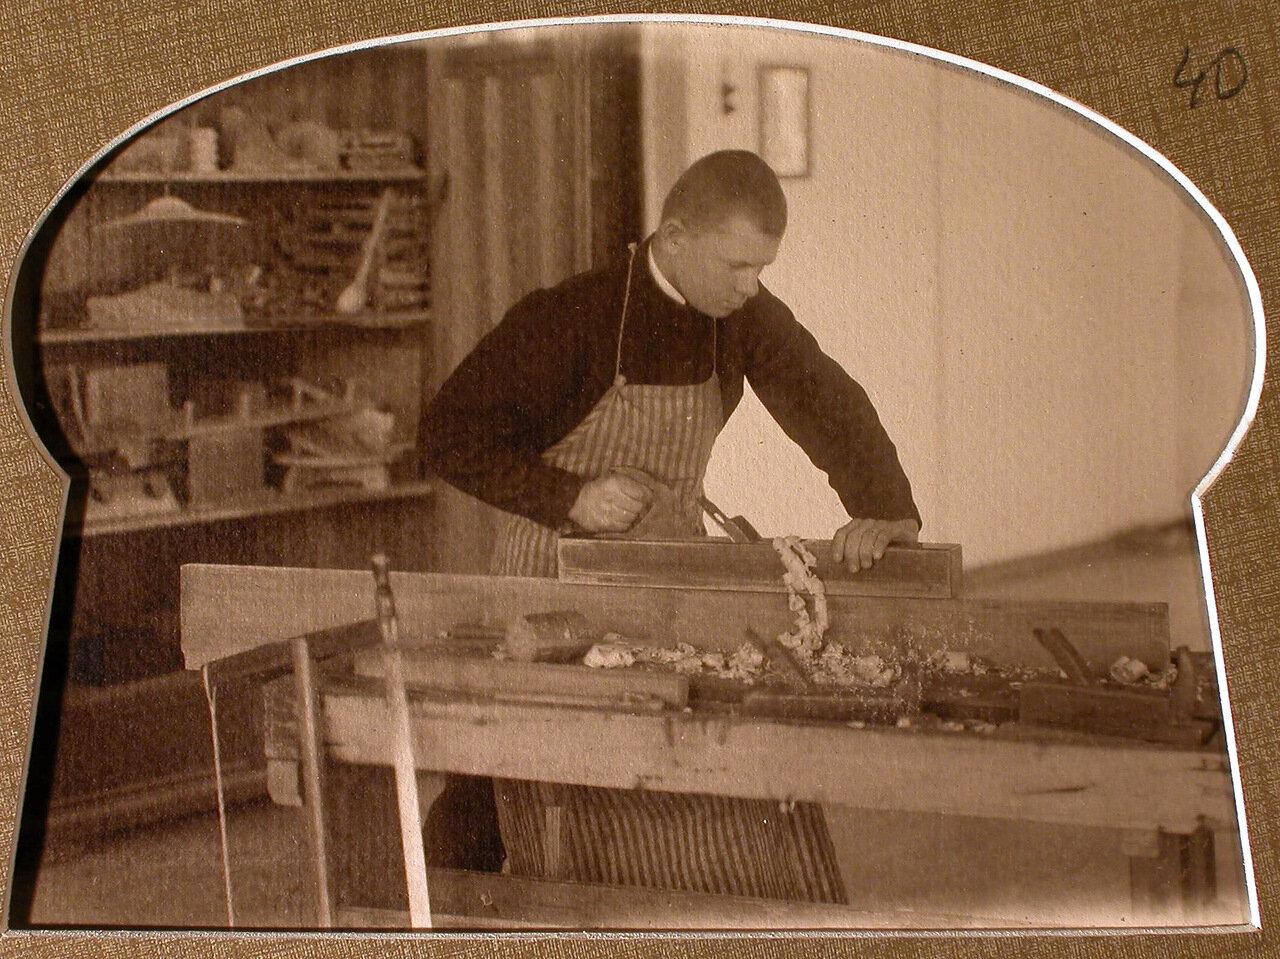 Класс ручного труда. Ученик за работой на столярном станке